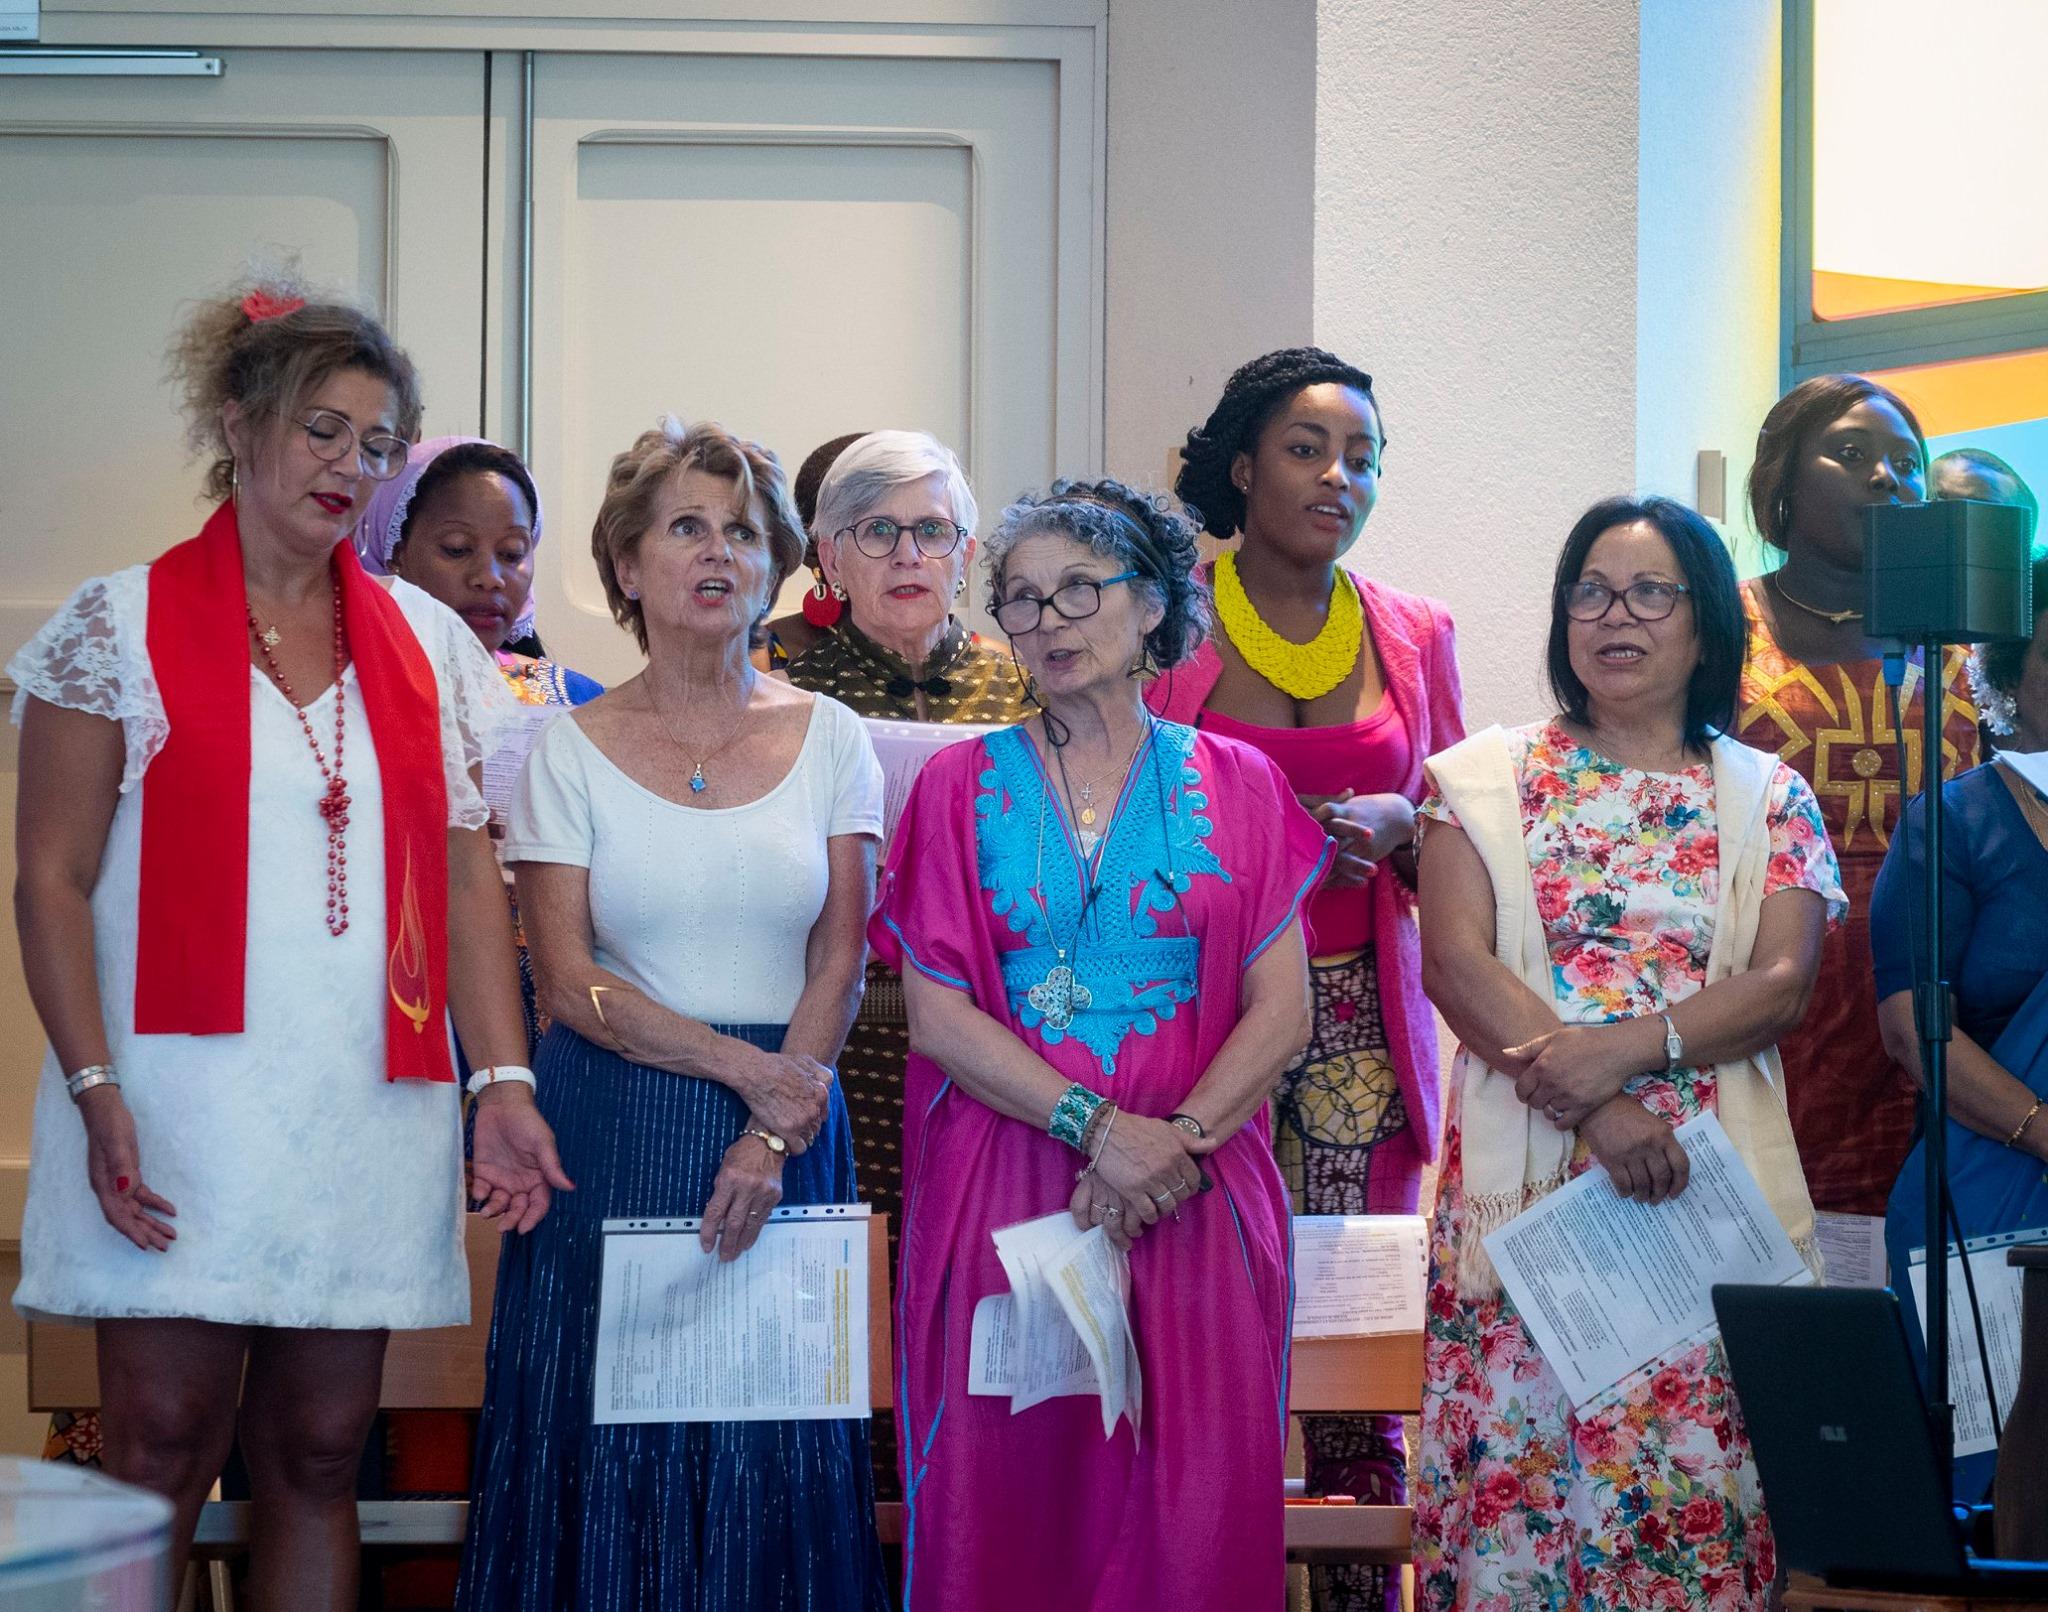 25 septembre : Xe journée diocésaine des chanteurs en liturgie à Pia